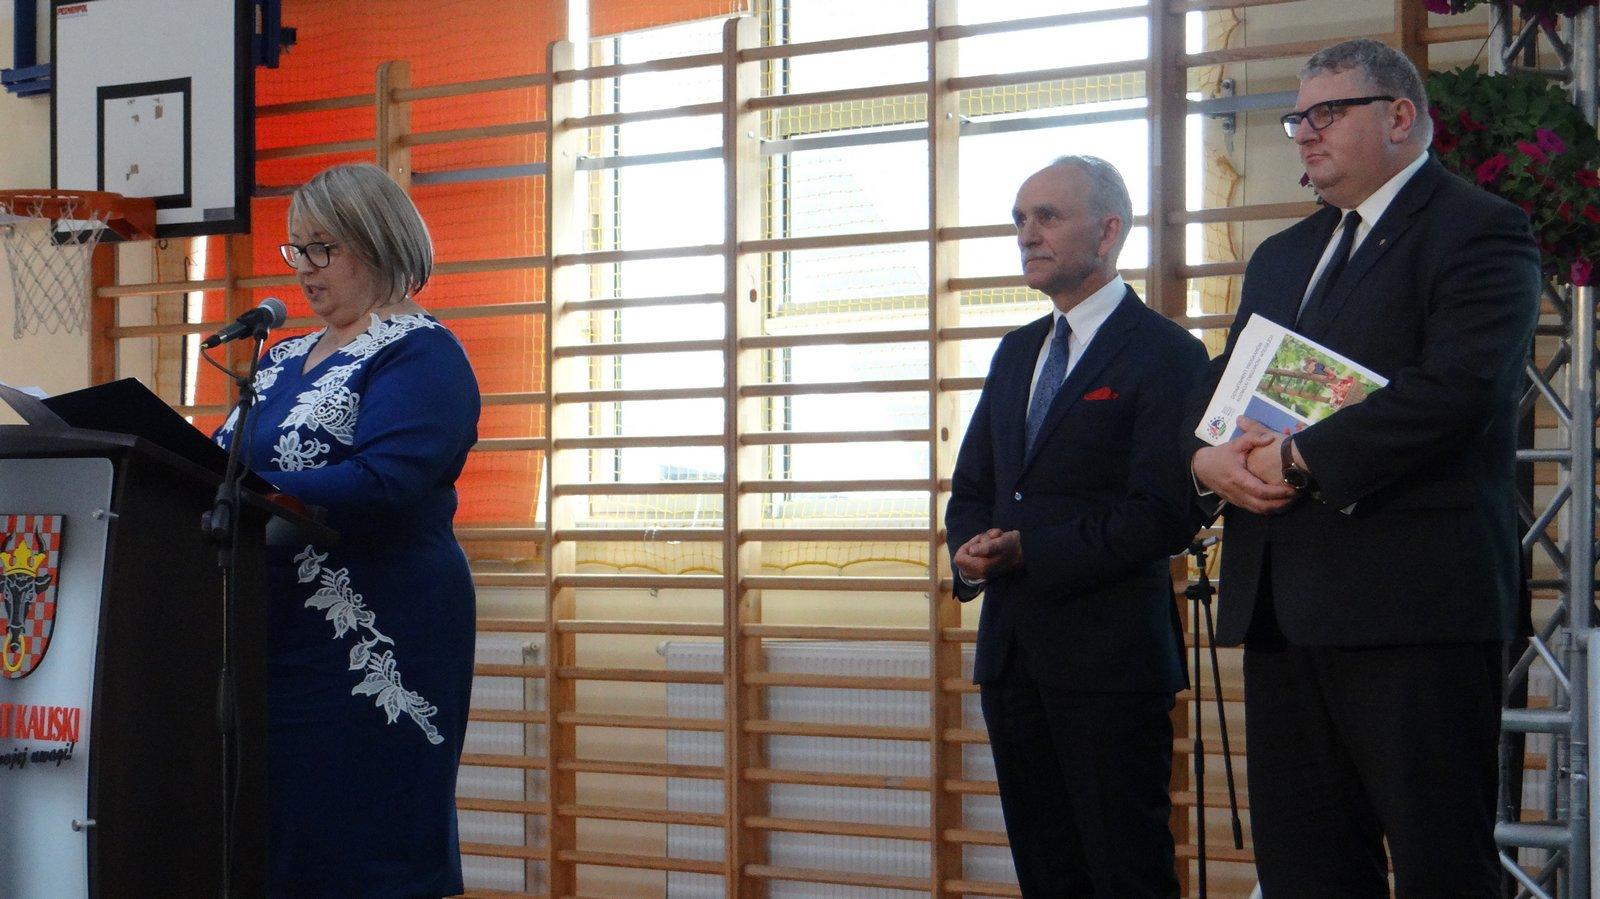 dsc09468 - Wielkopolska zaradność i pracowitość doceniona na Forum Wielkopolskiej Wsi Europejskiej